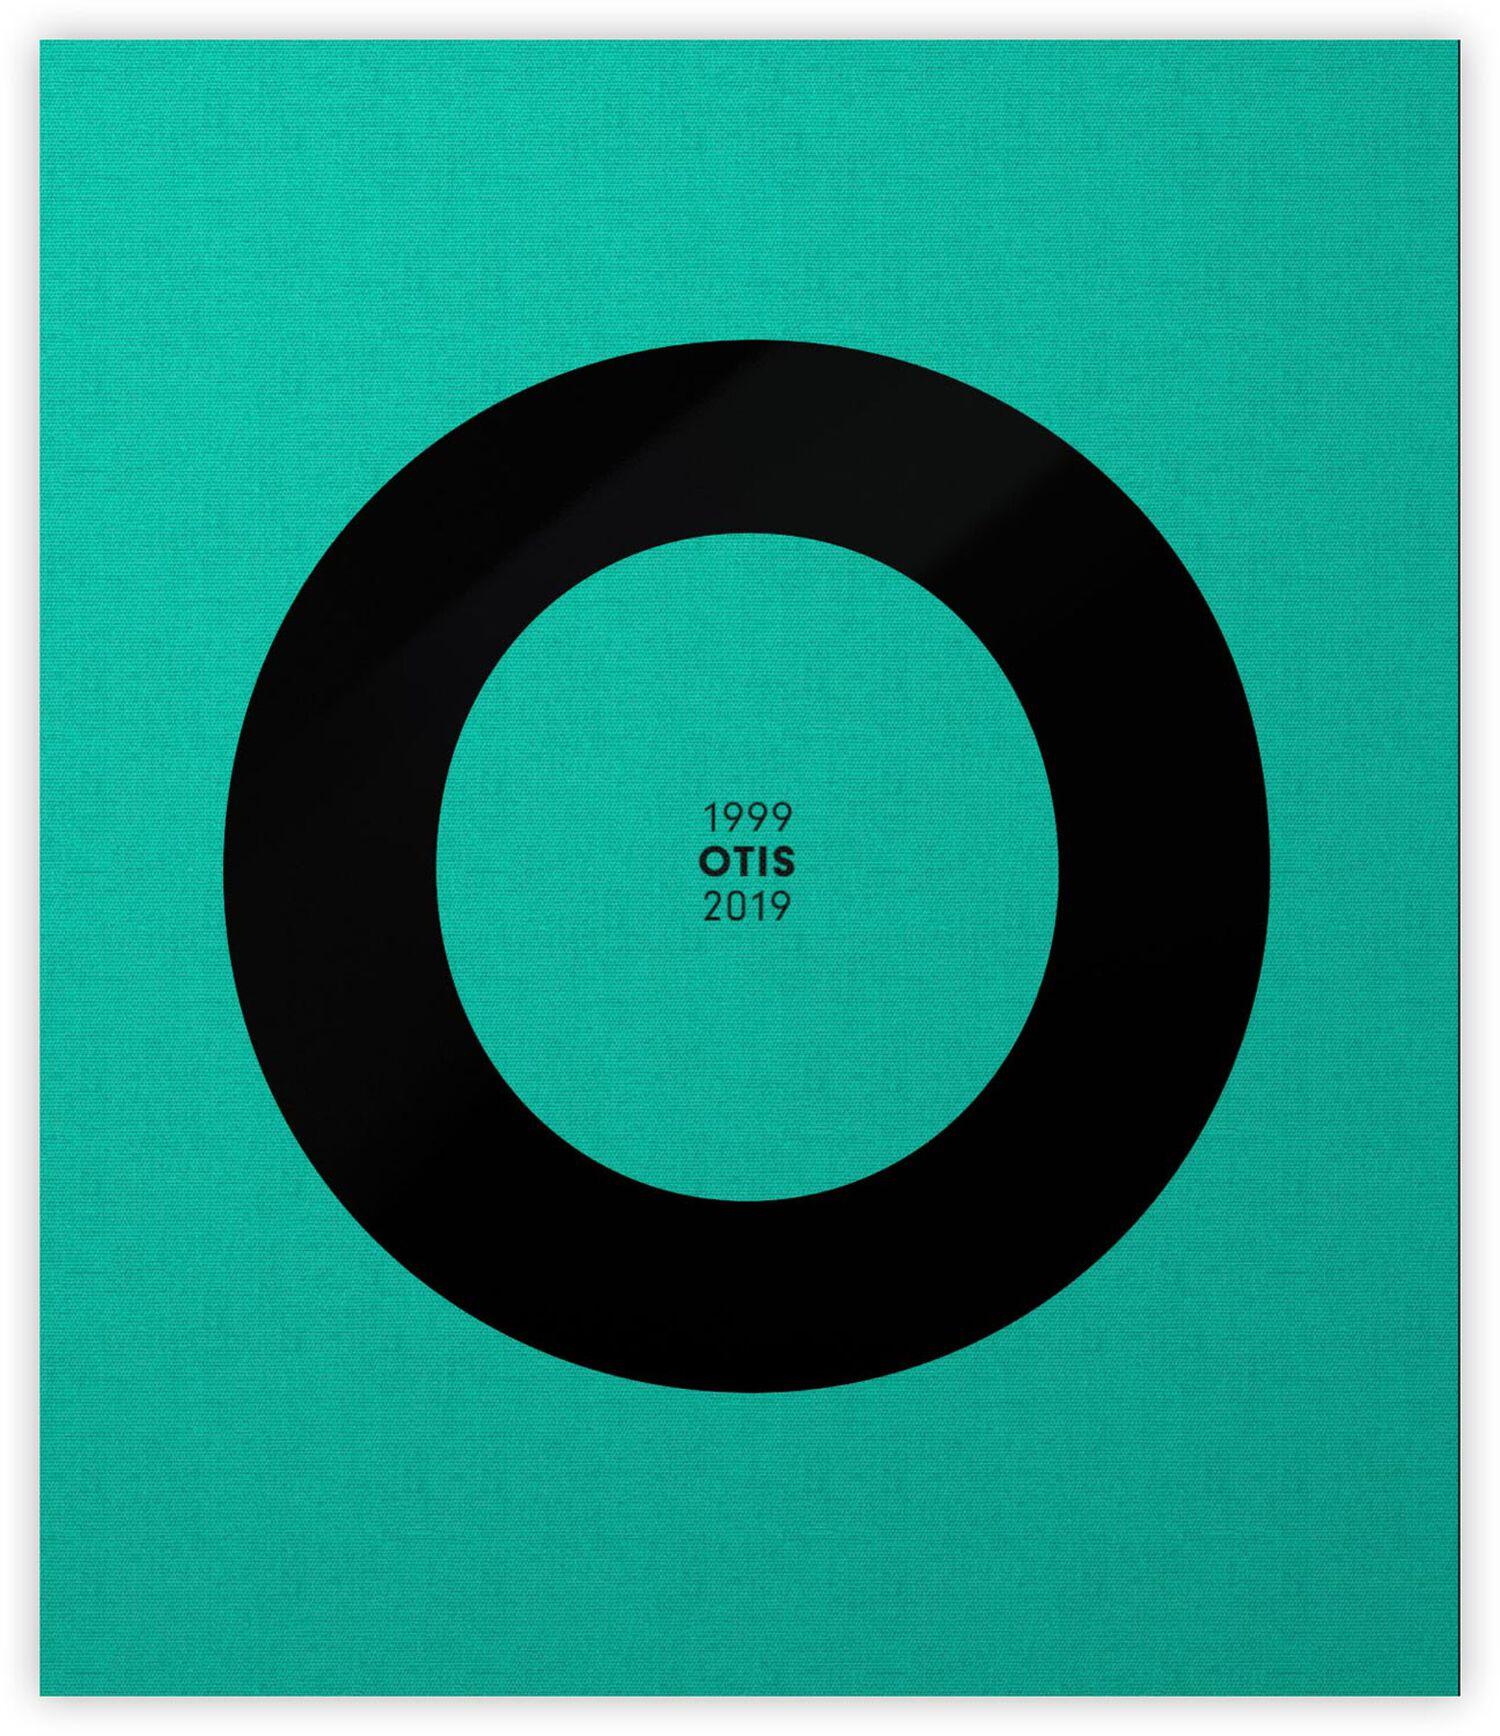 OTIS 1999-2019